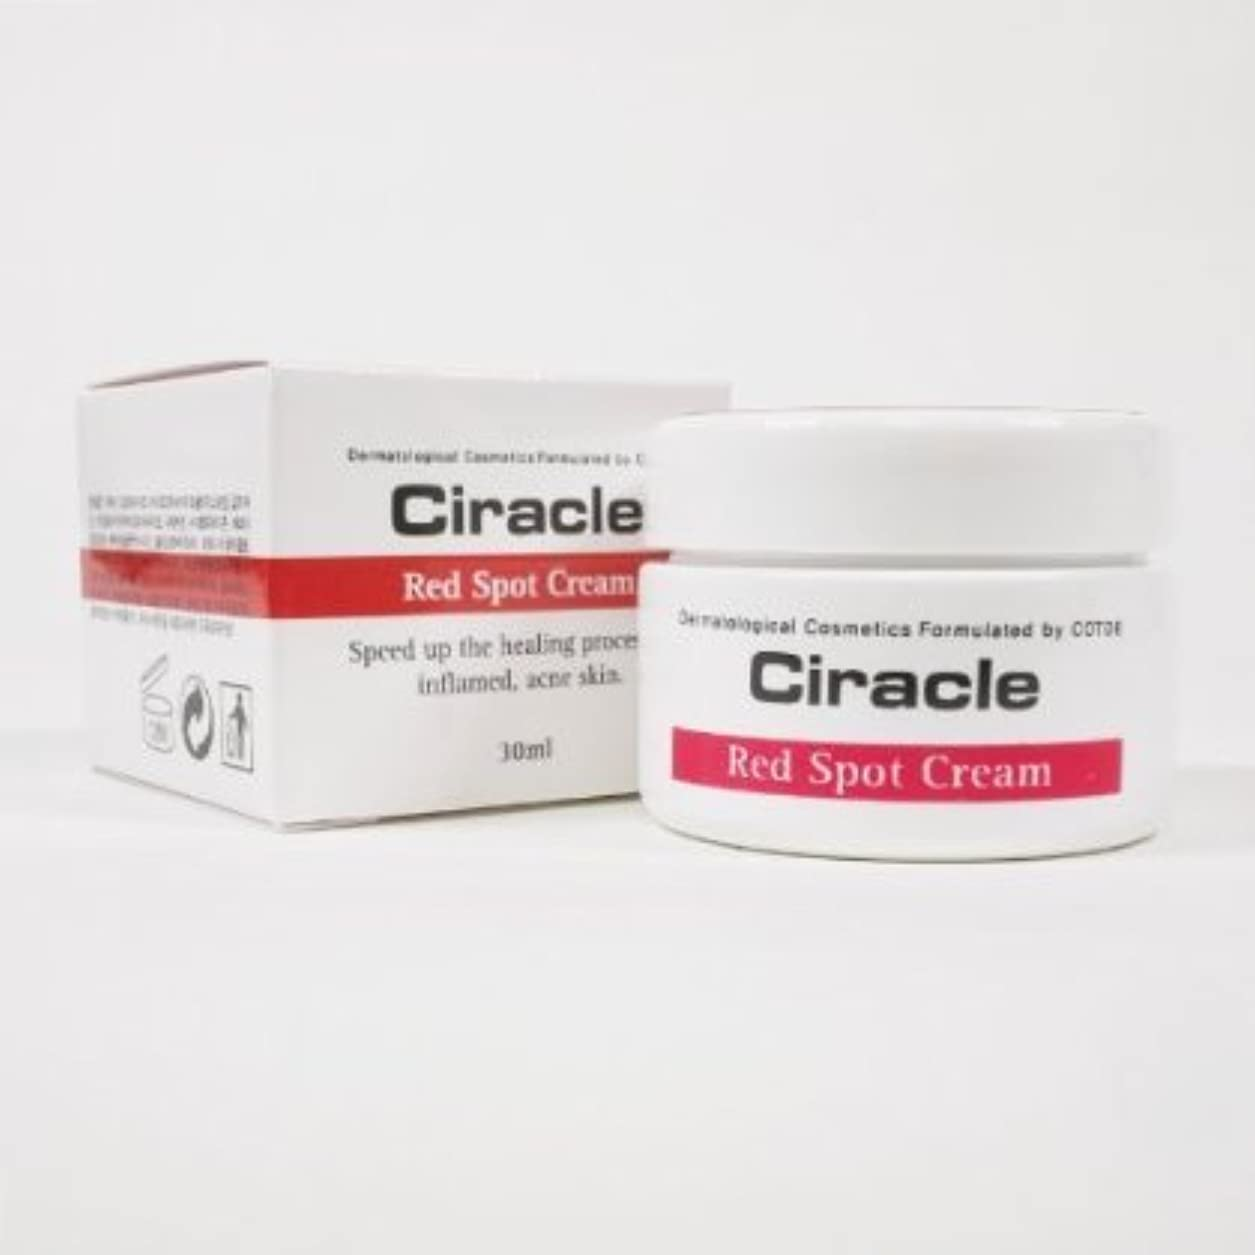 酔っ払い研究所スイングCiracle レッド スポット クリーム /Red Spot Cream (30ml )